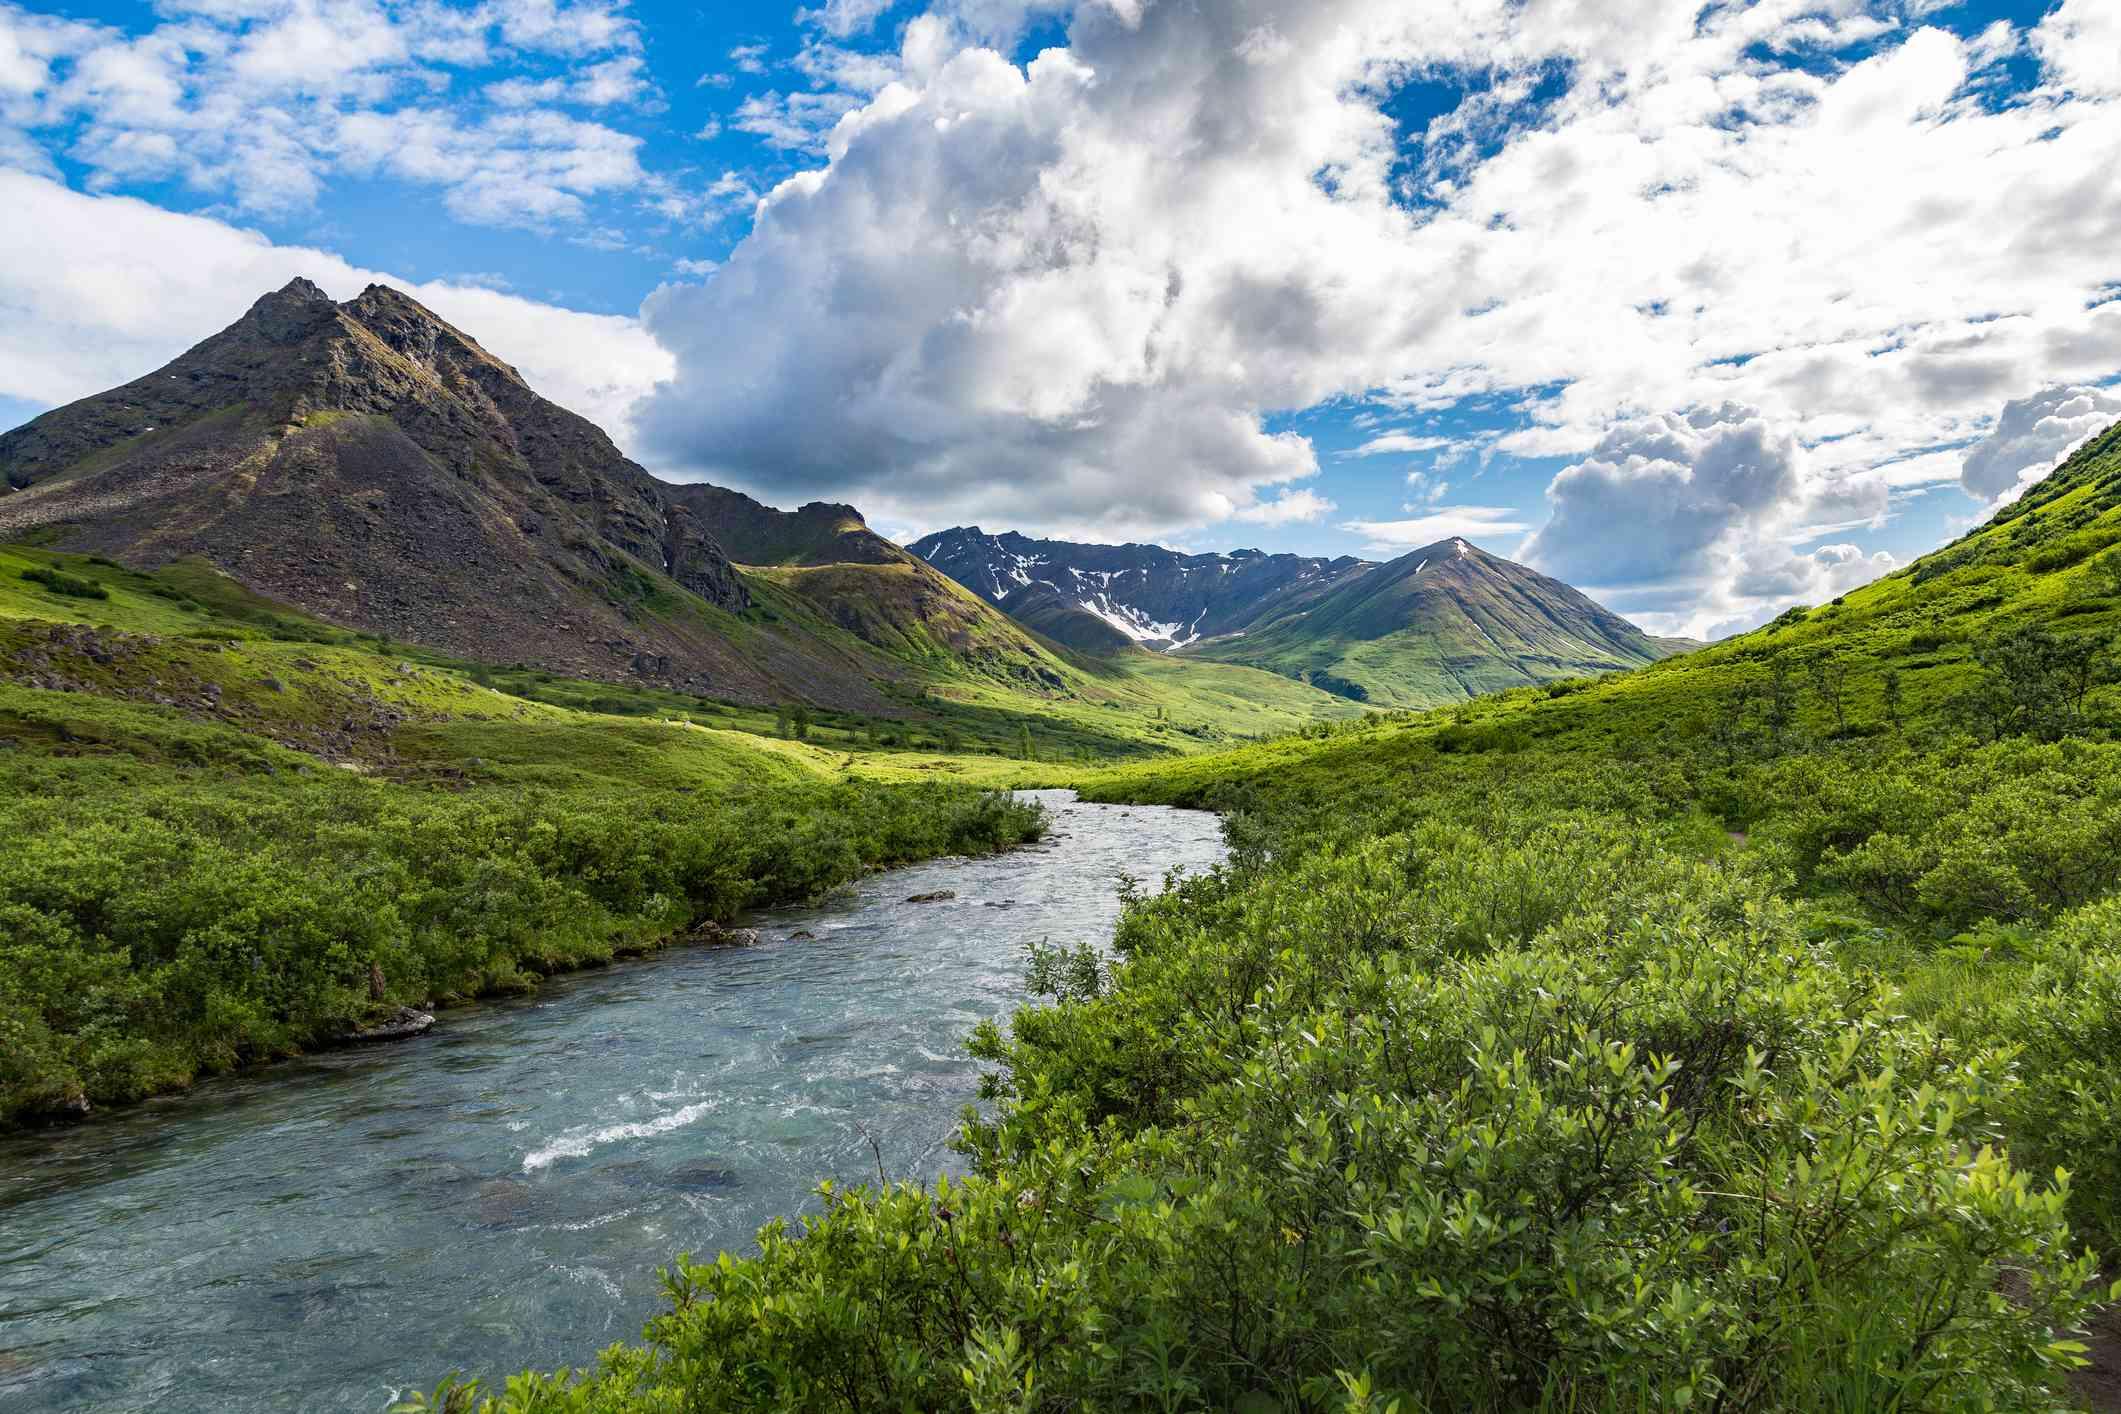 Little Susitna River in Hatcher Pass, Alaska